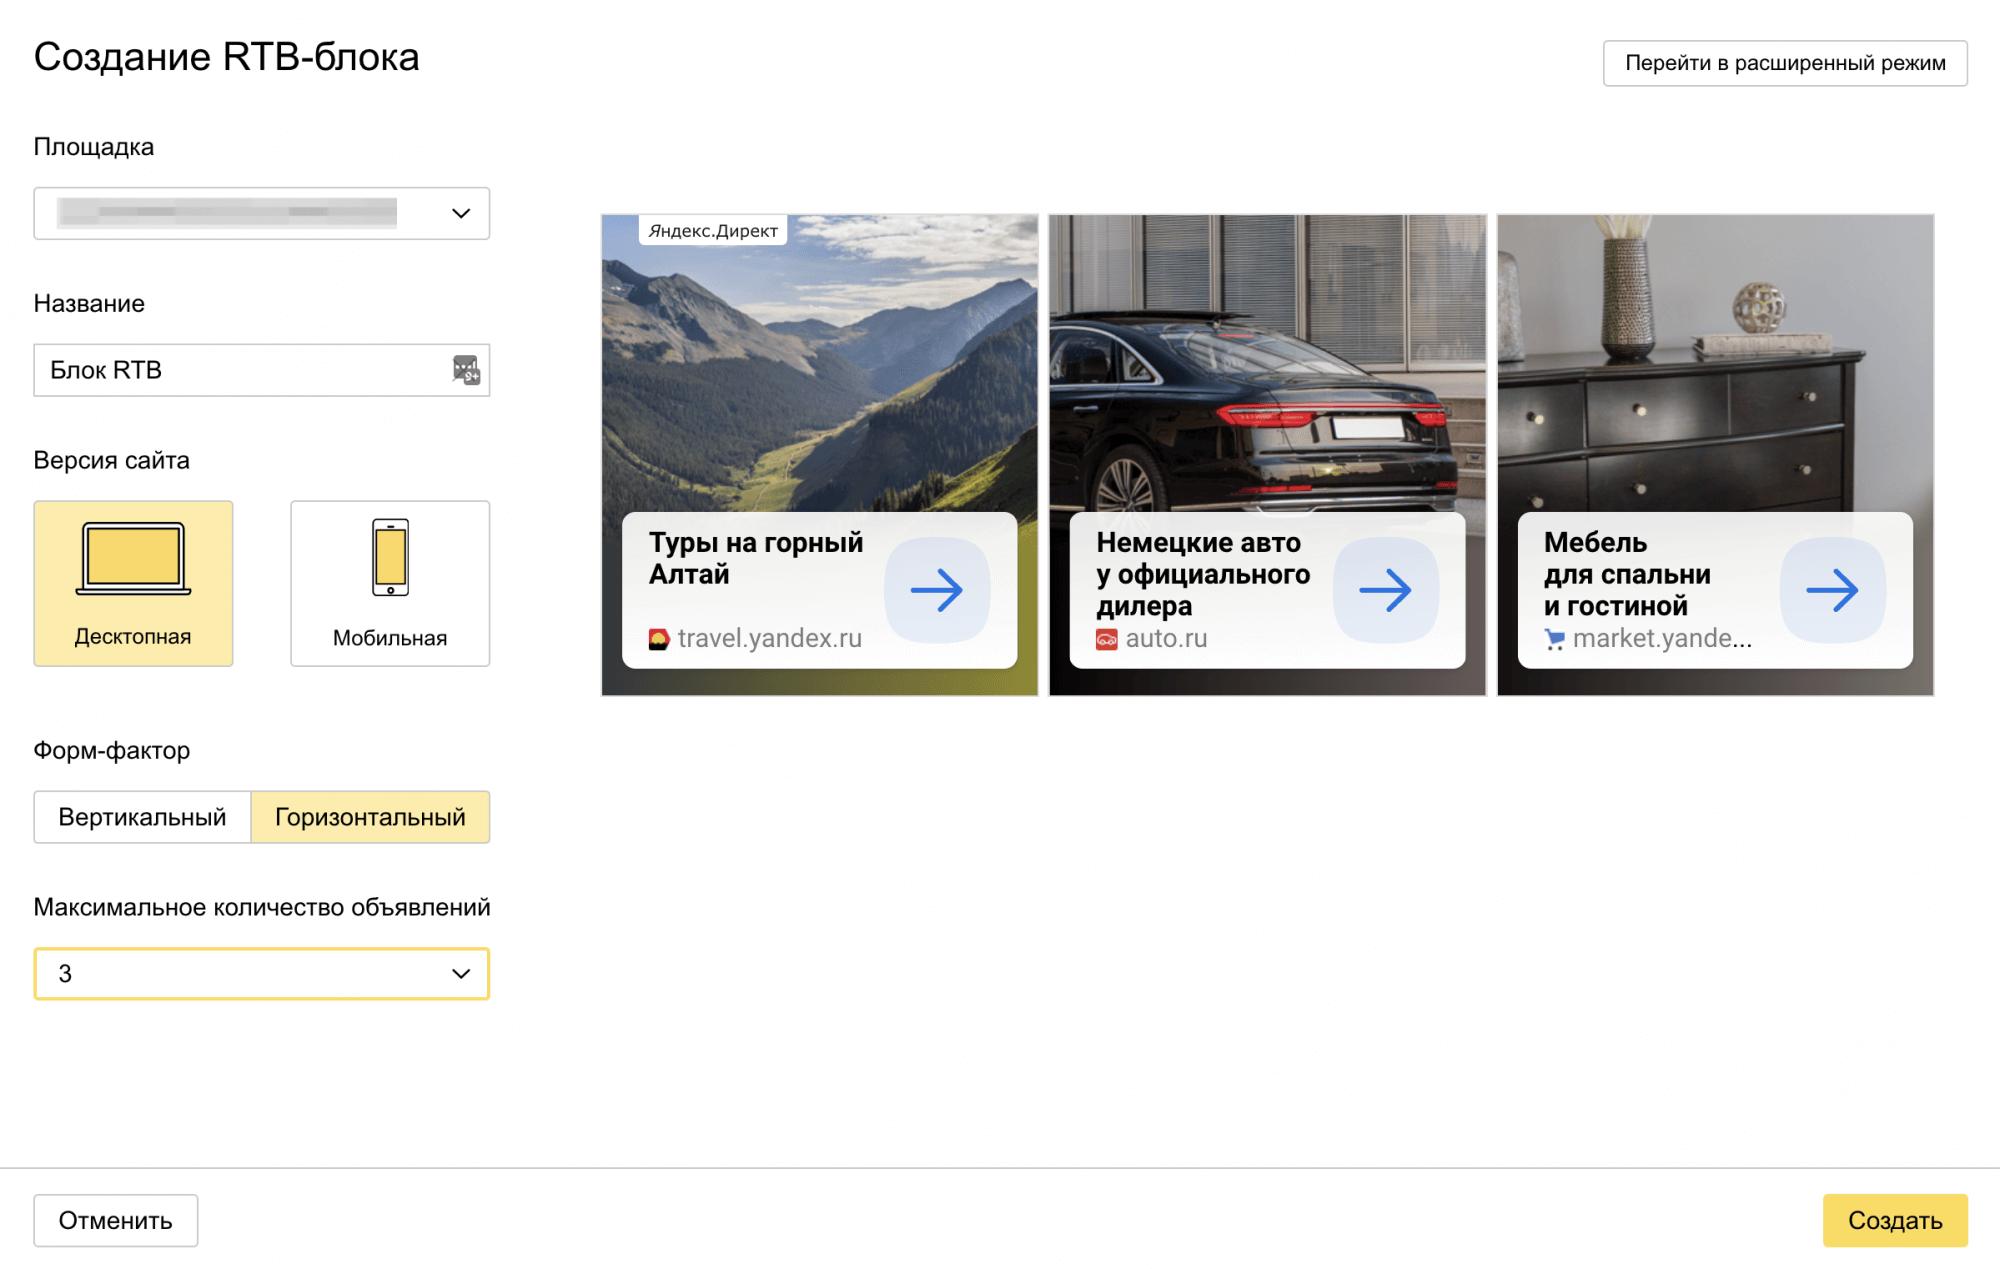 Яндекс добавил упрощенную форму создания RTB-блока в партнерском интерфейсе